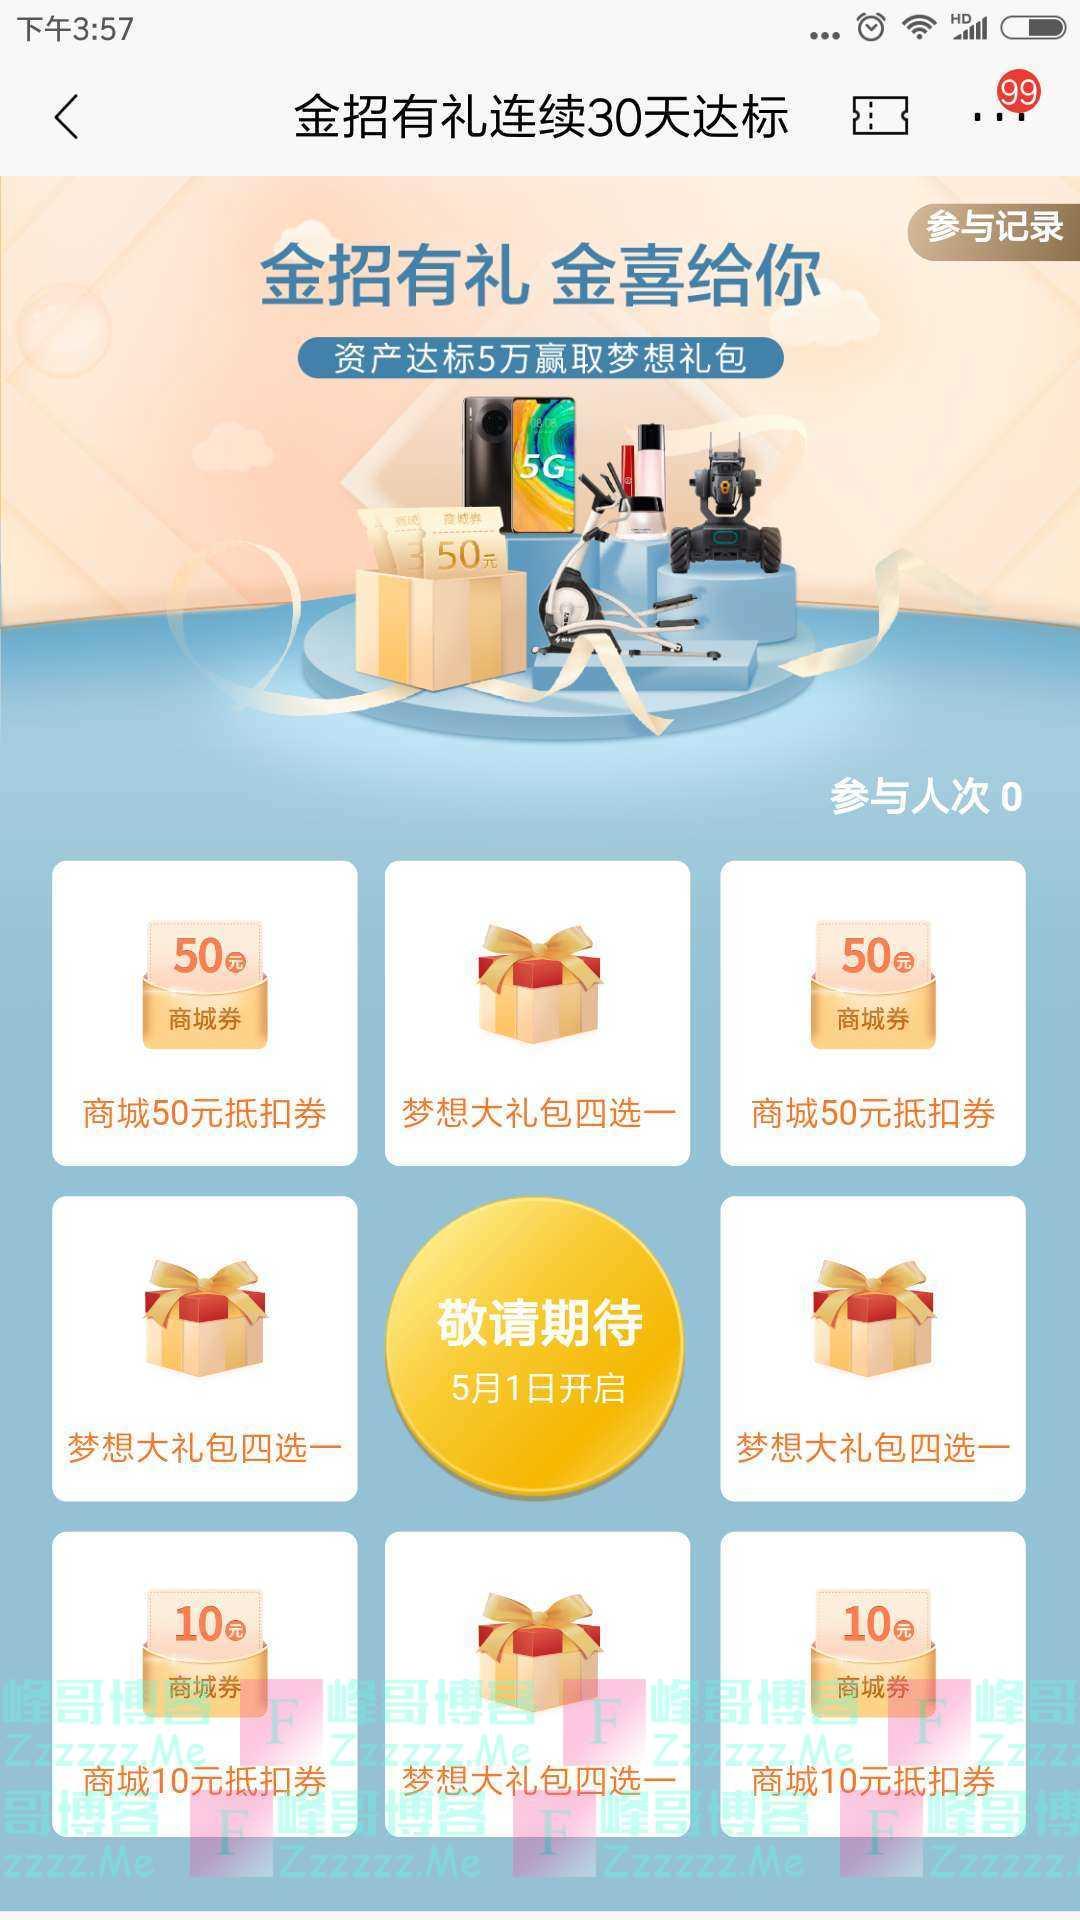 招行金招有礼连续30天达标礼(截止6月30日)